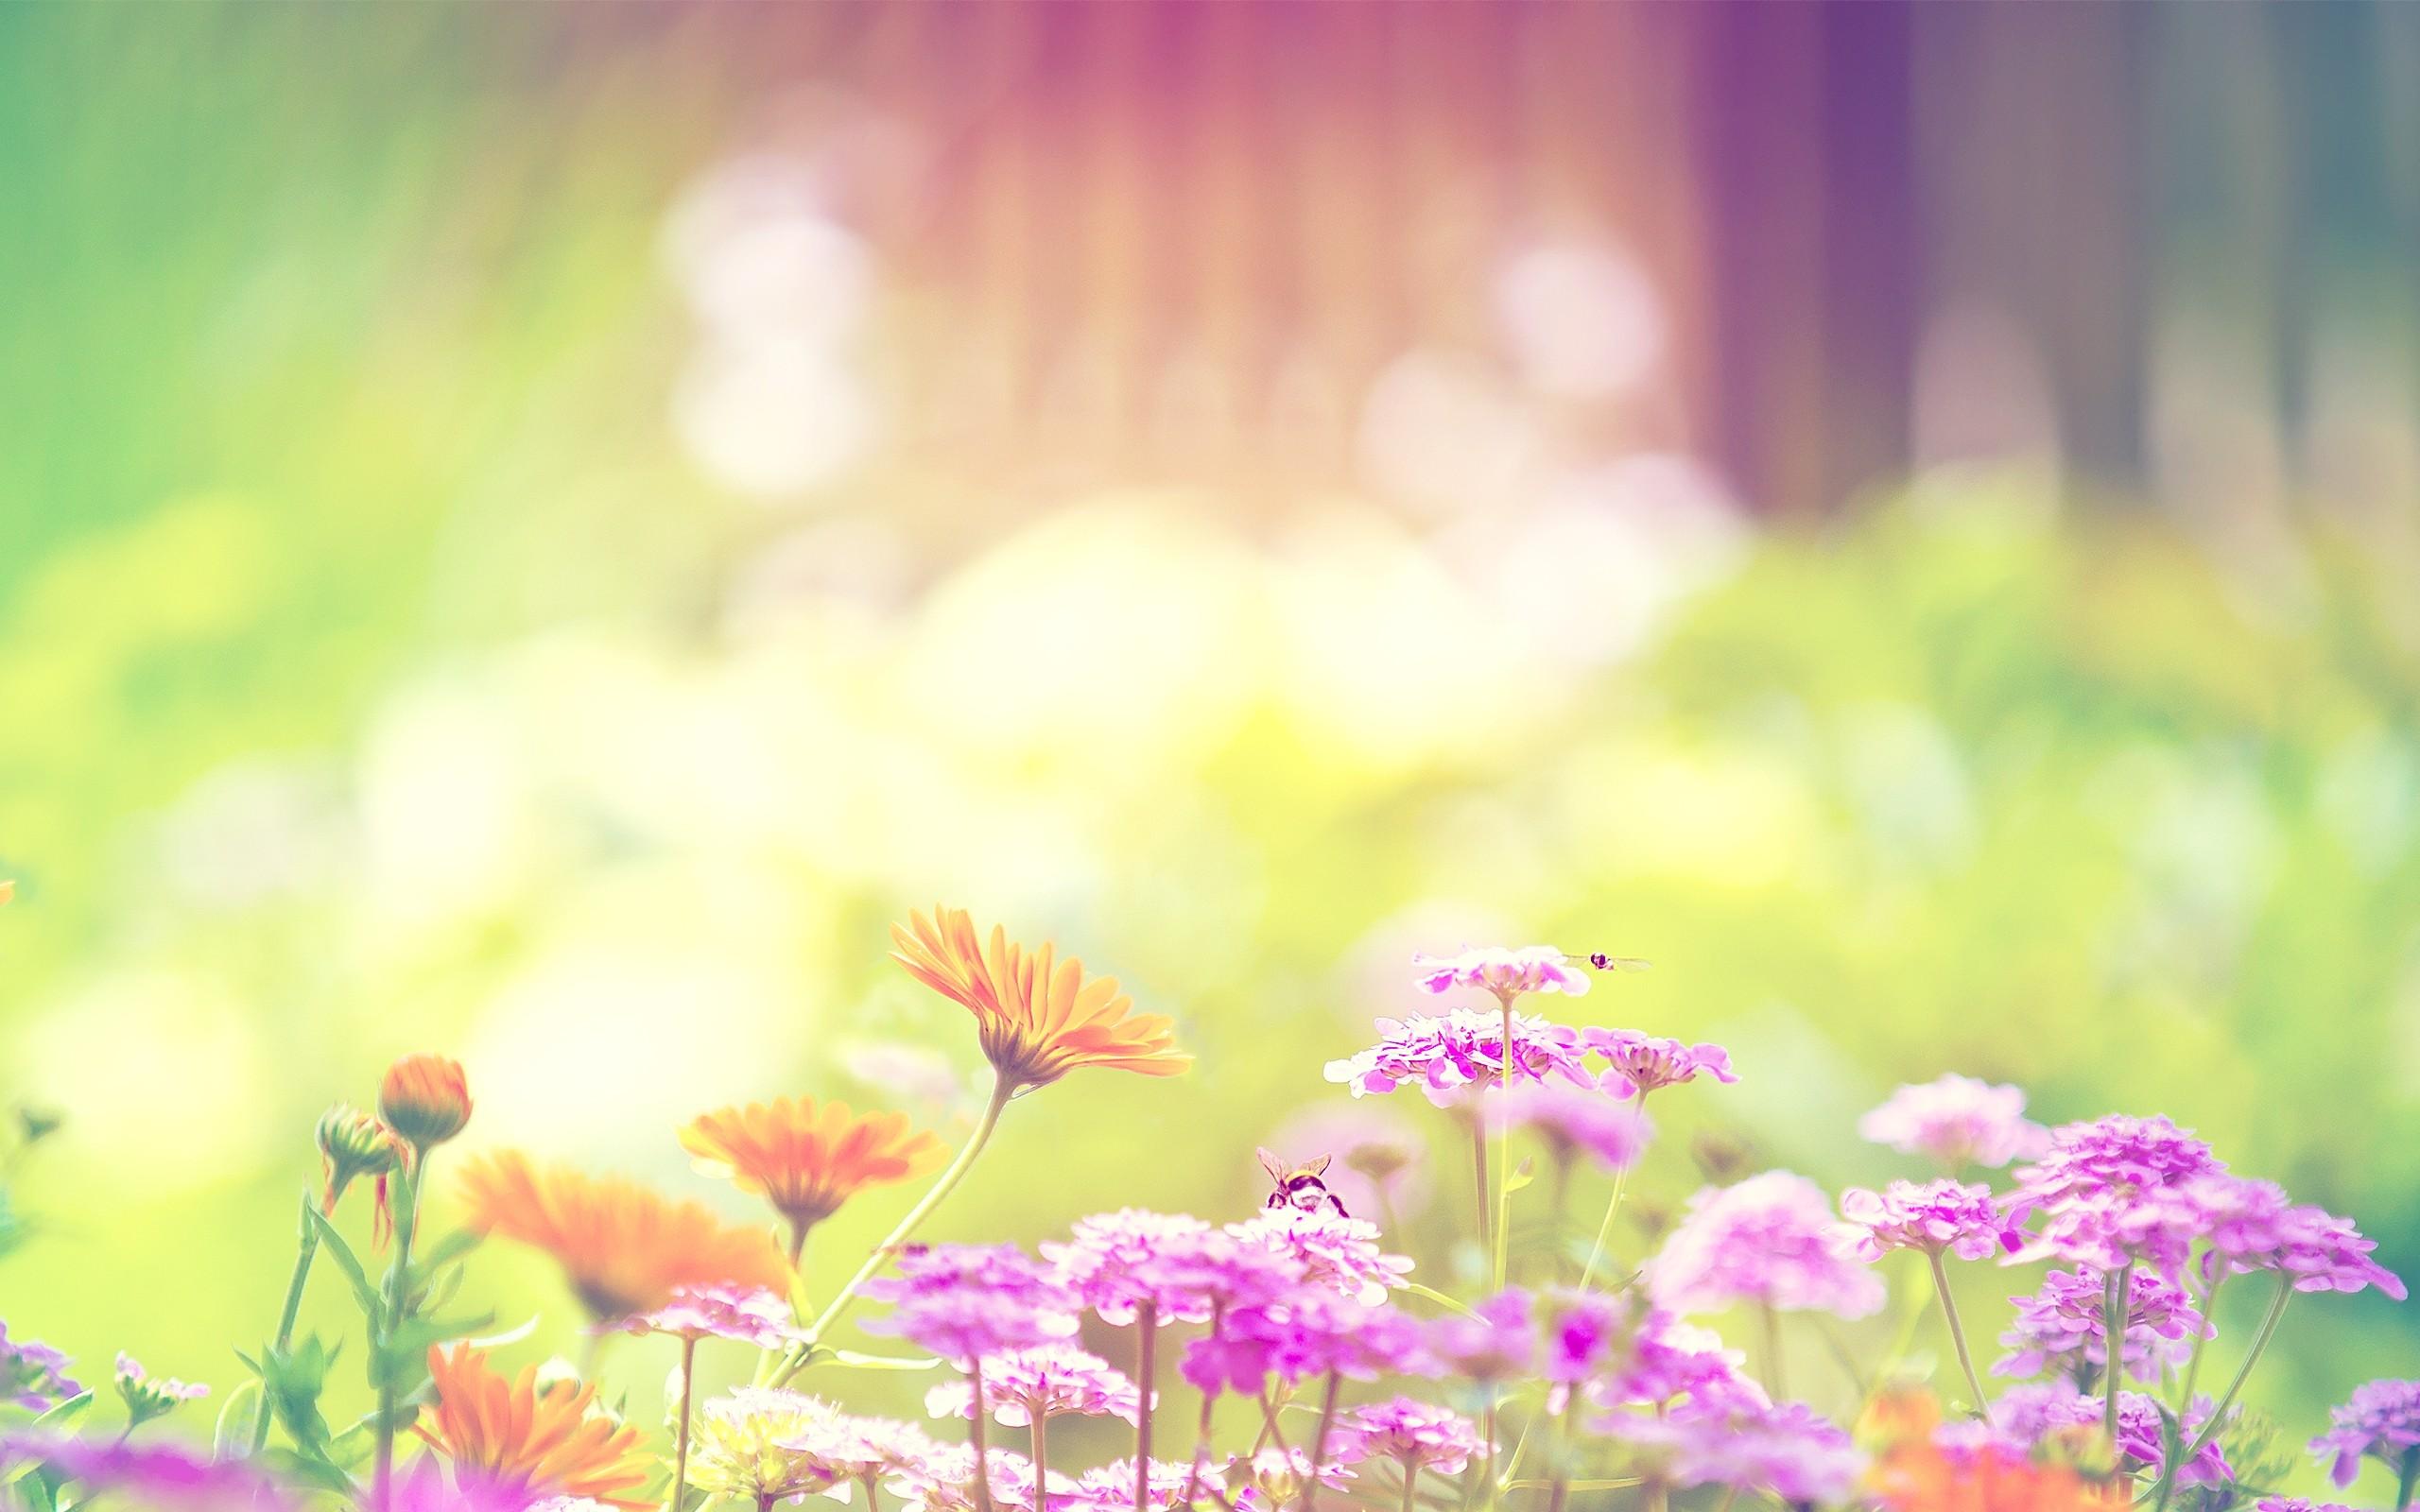 Spring flowers background spring flowers background mightylinksfo